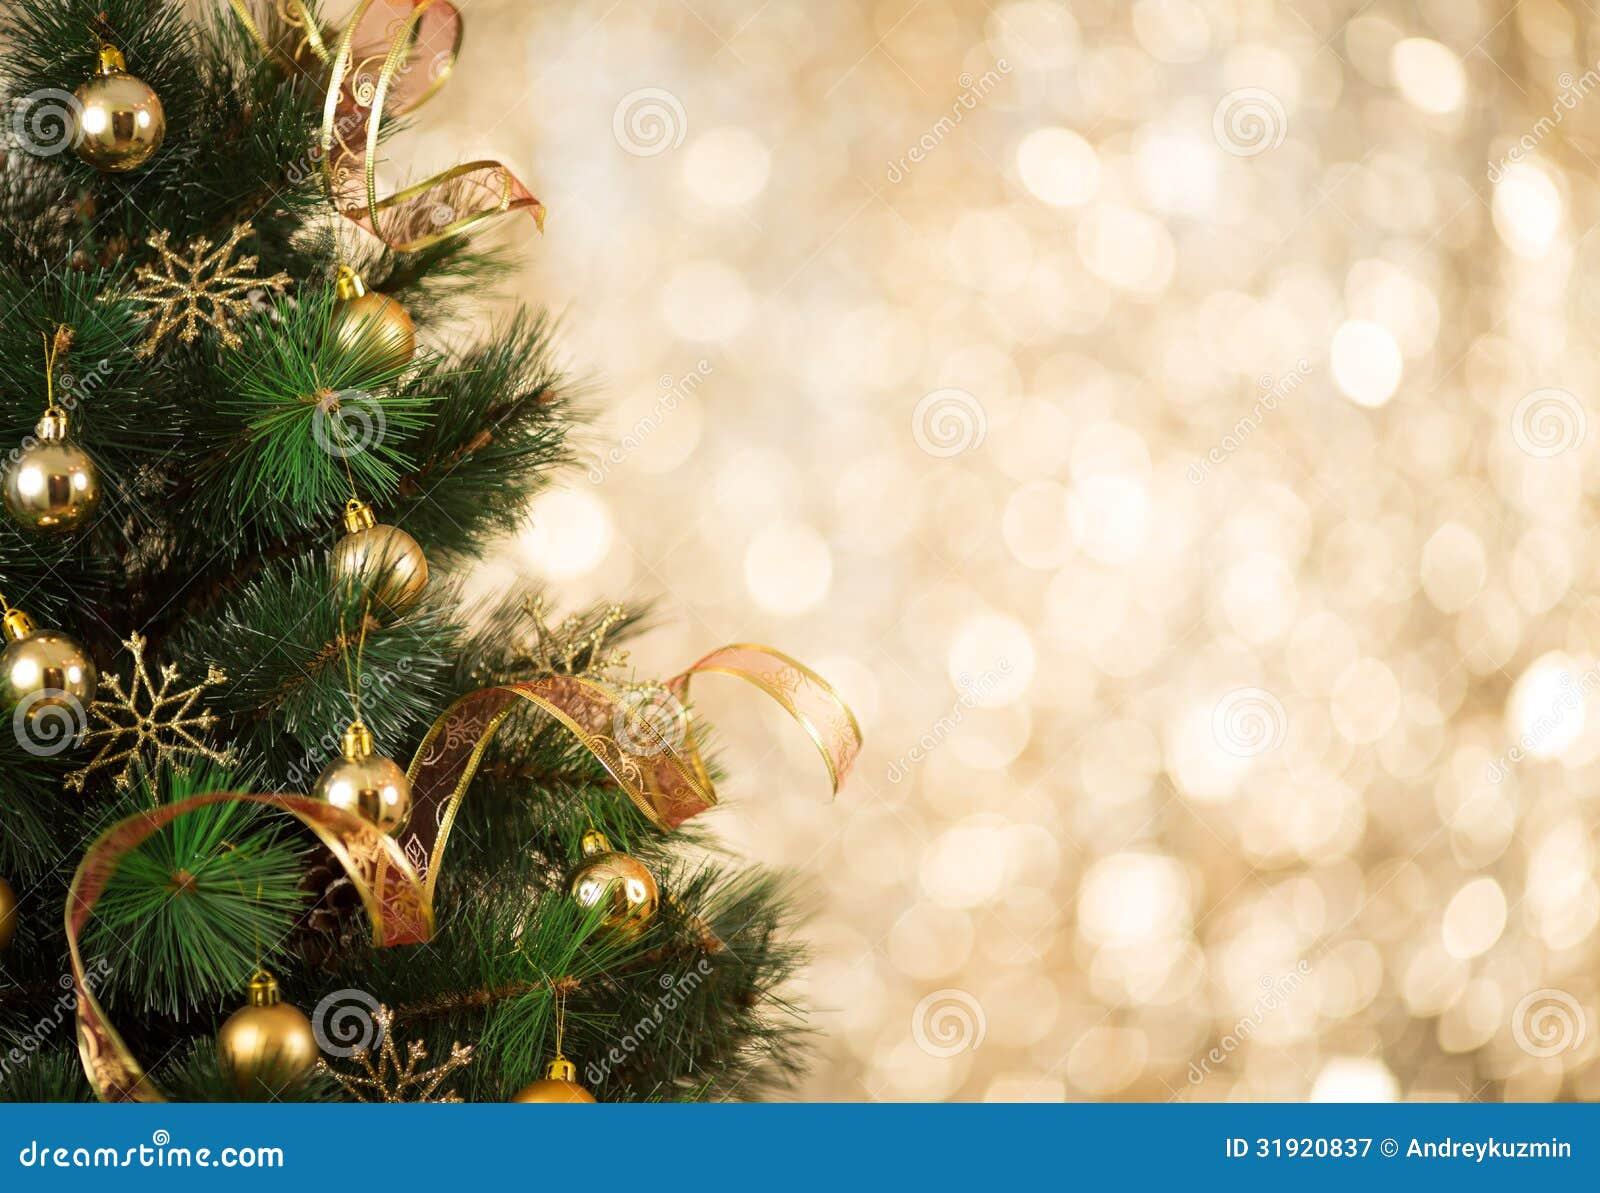 Fondo del árbol de navidad del oro de luces defocused